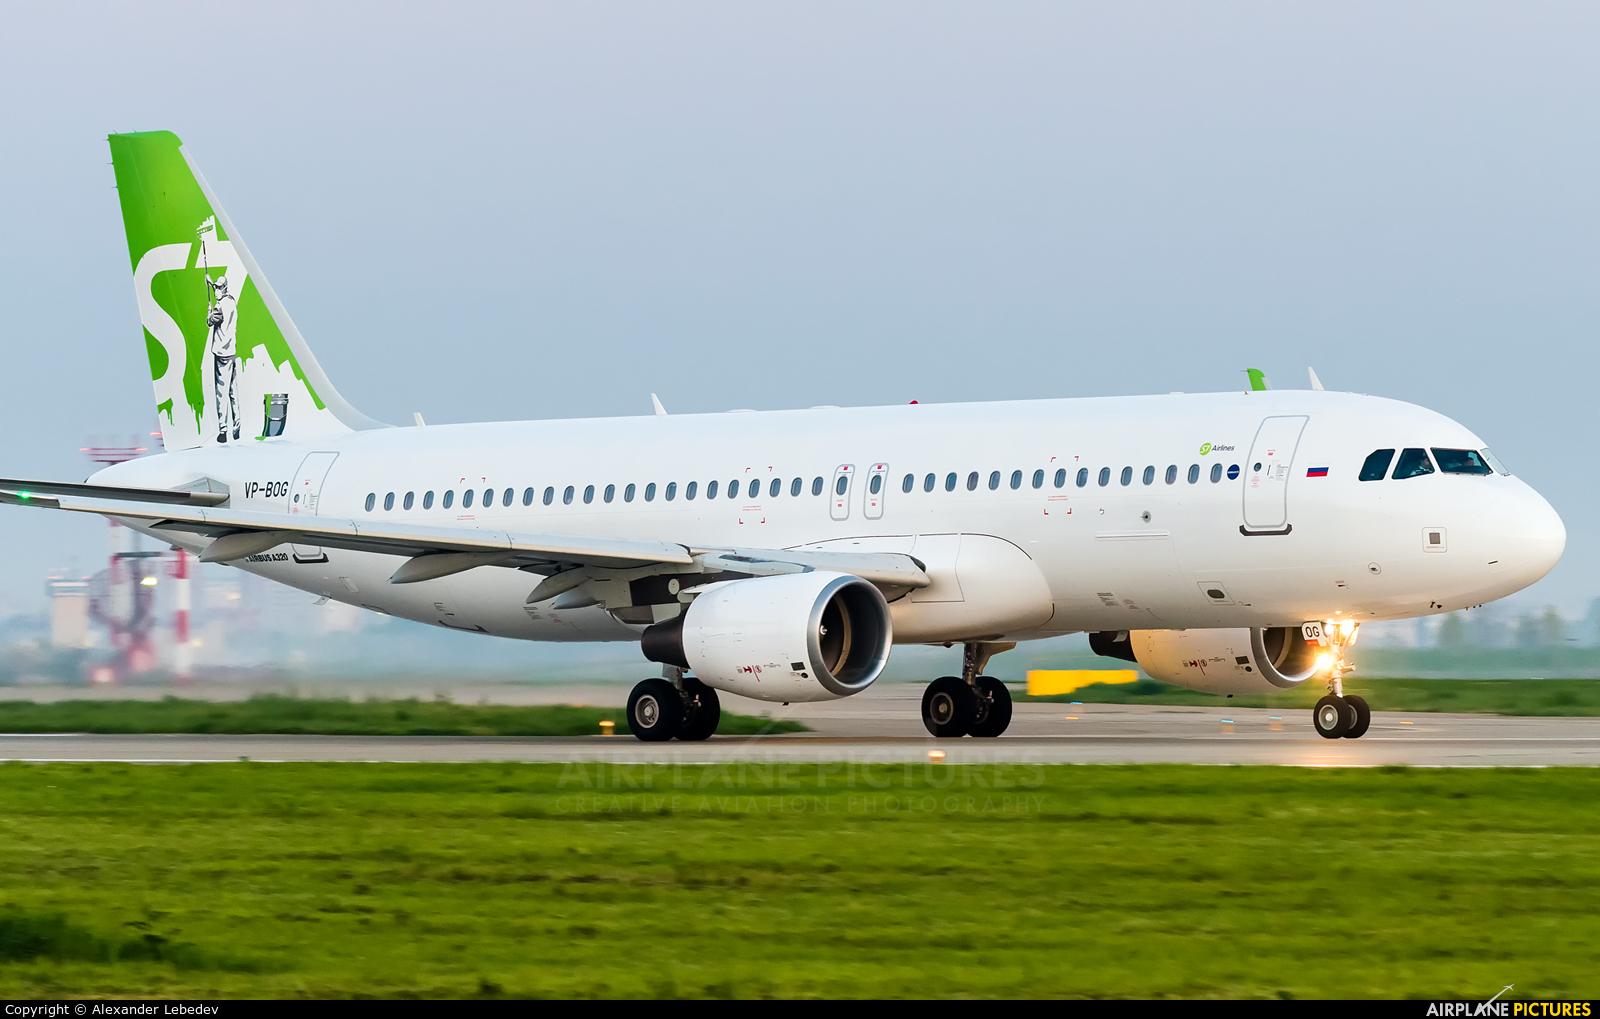 S7 Airlines VP-BOG aircraft at Krasnodar